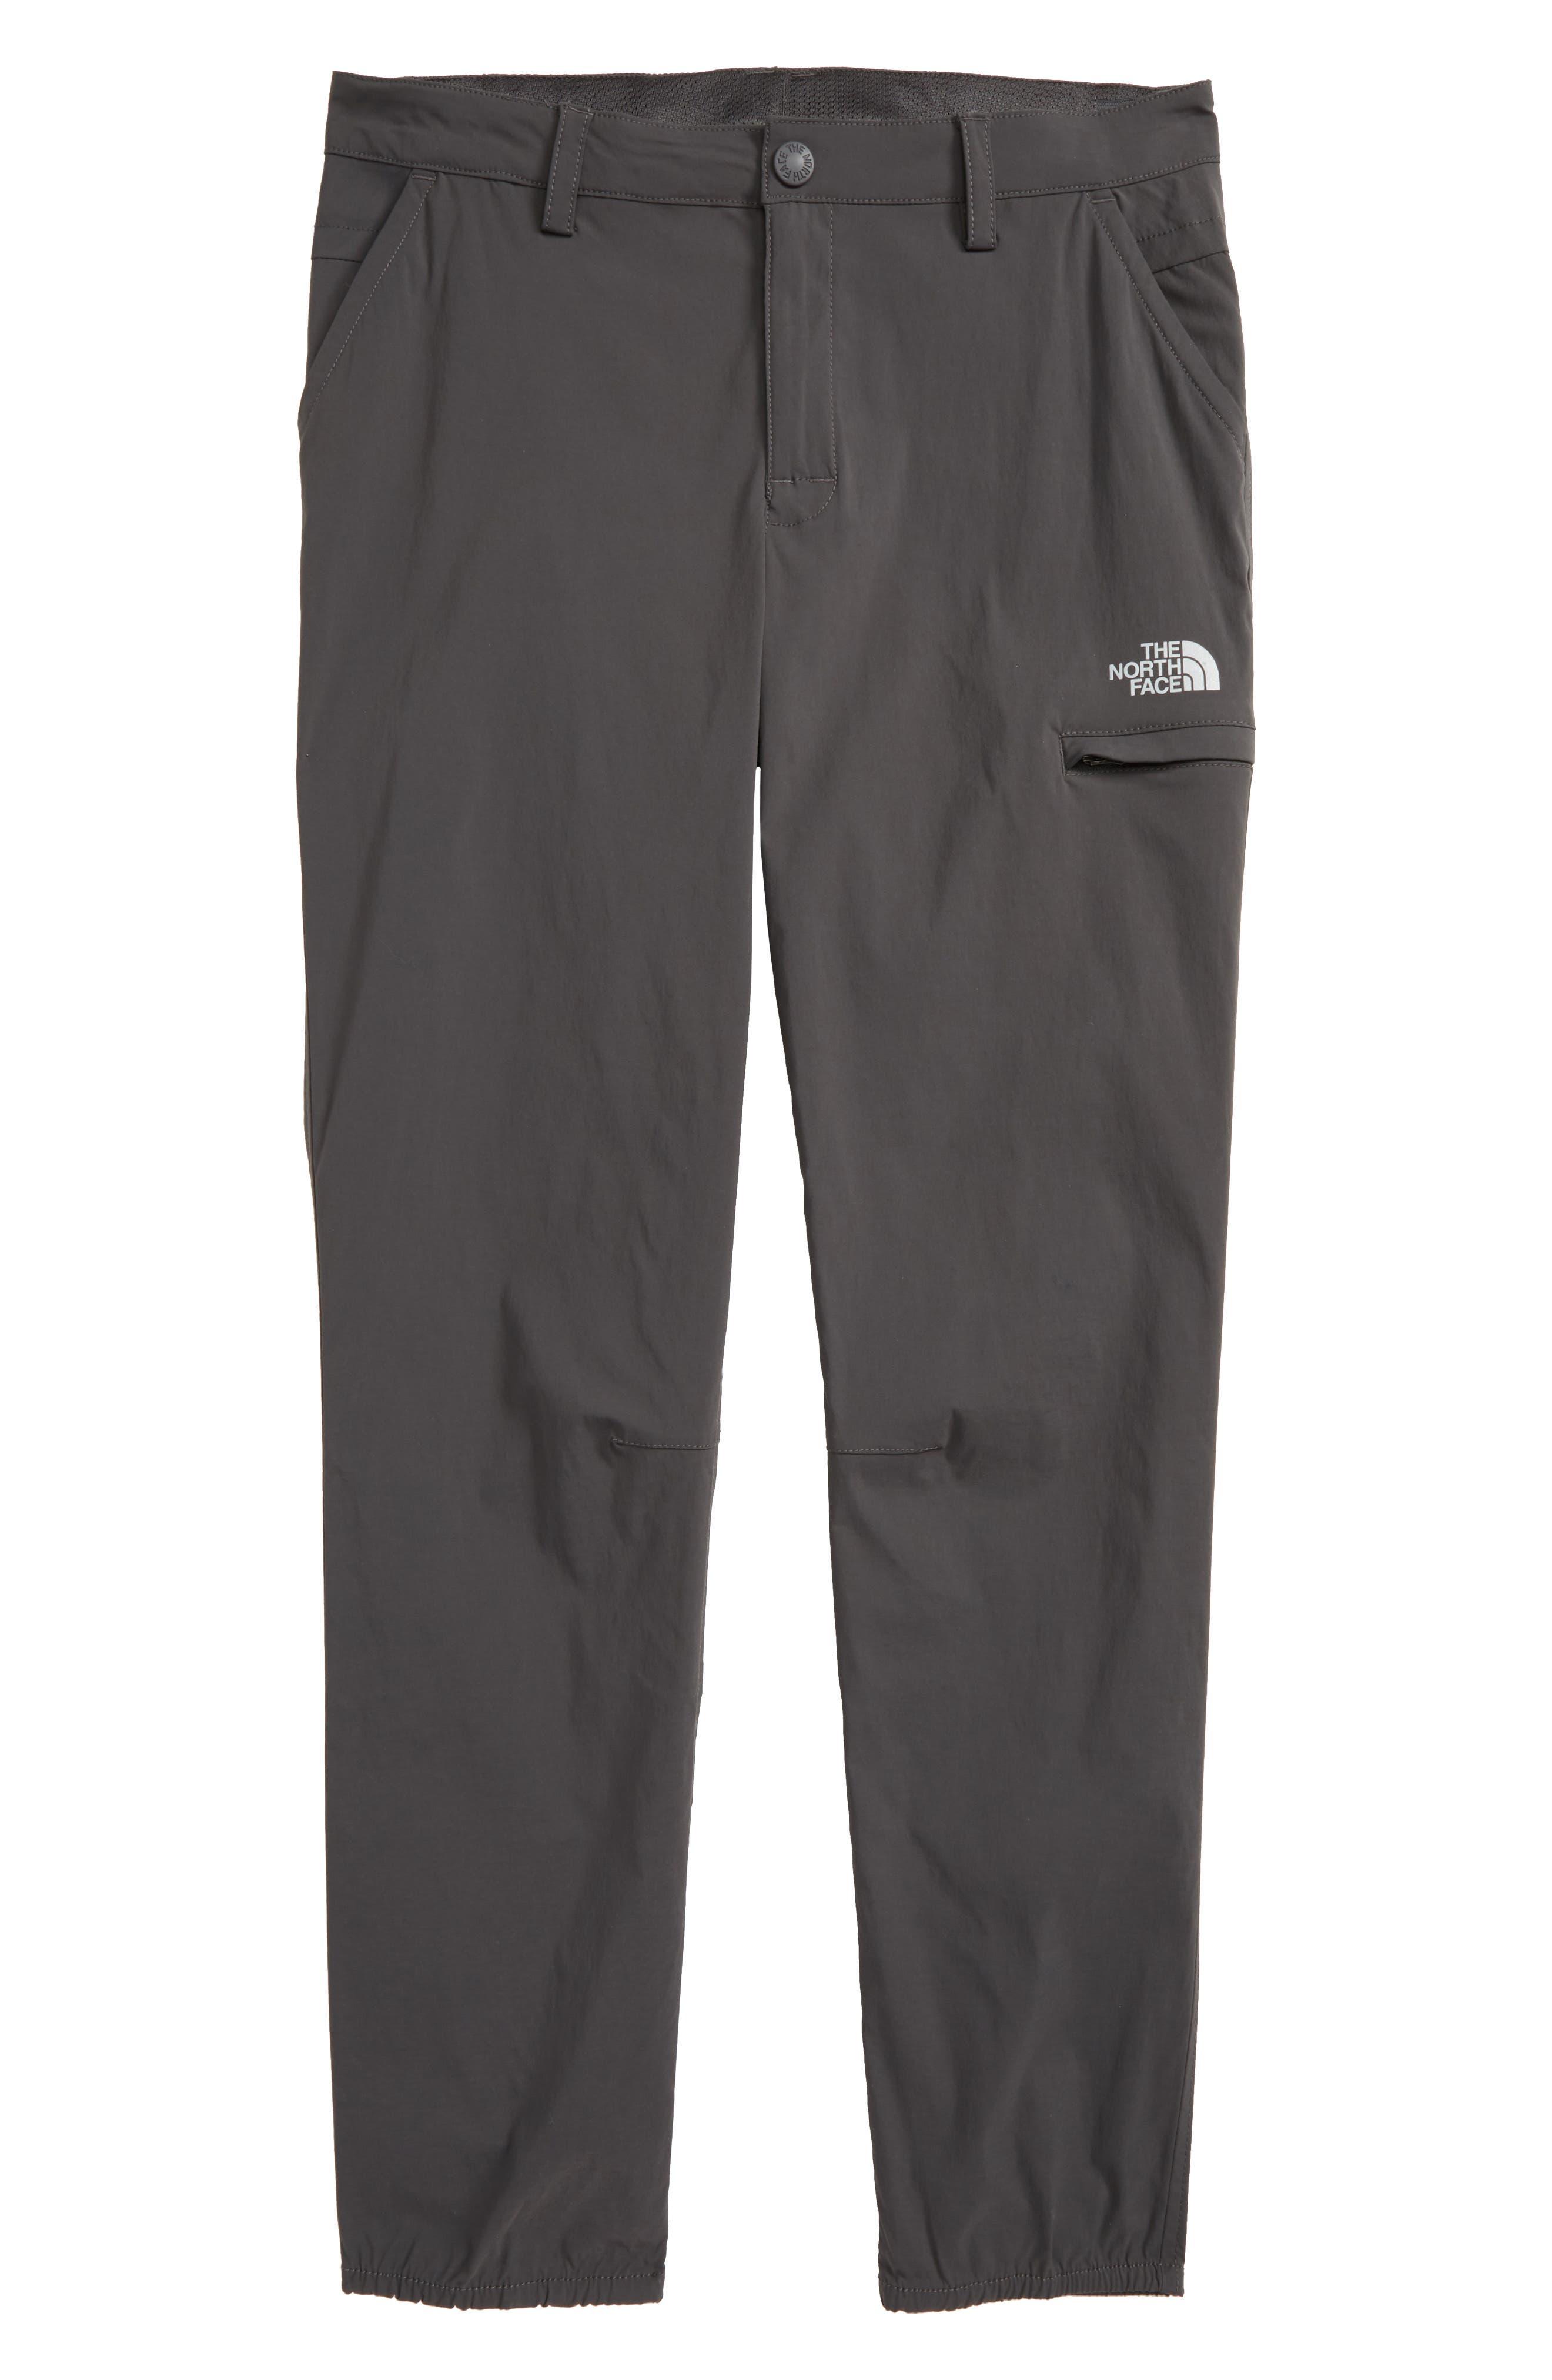 Spur Trail Pants,                         Main,                         color, Graphite Grey